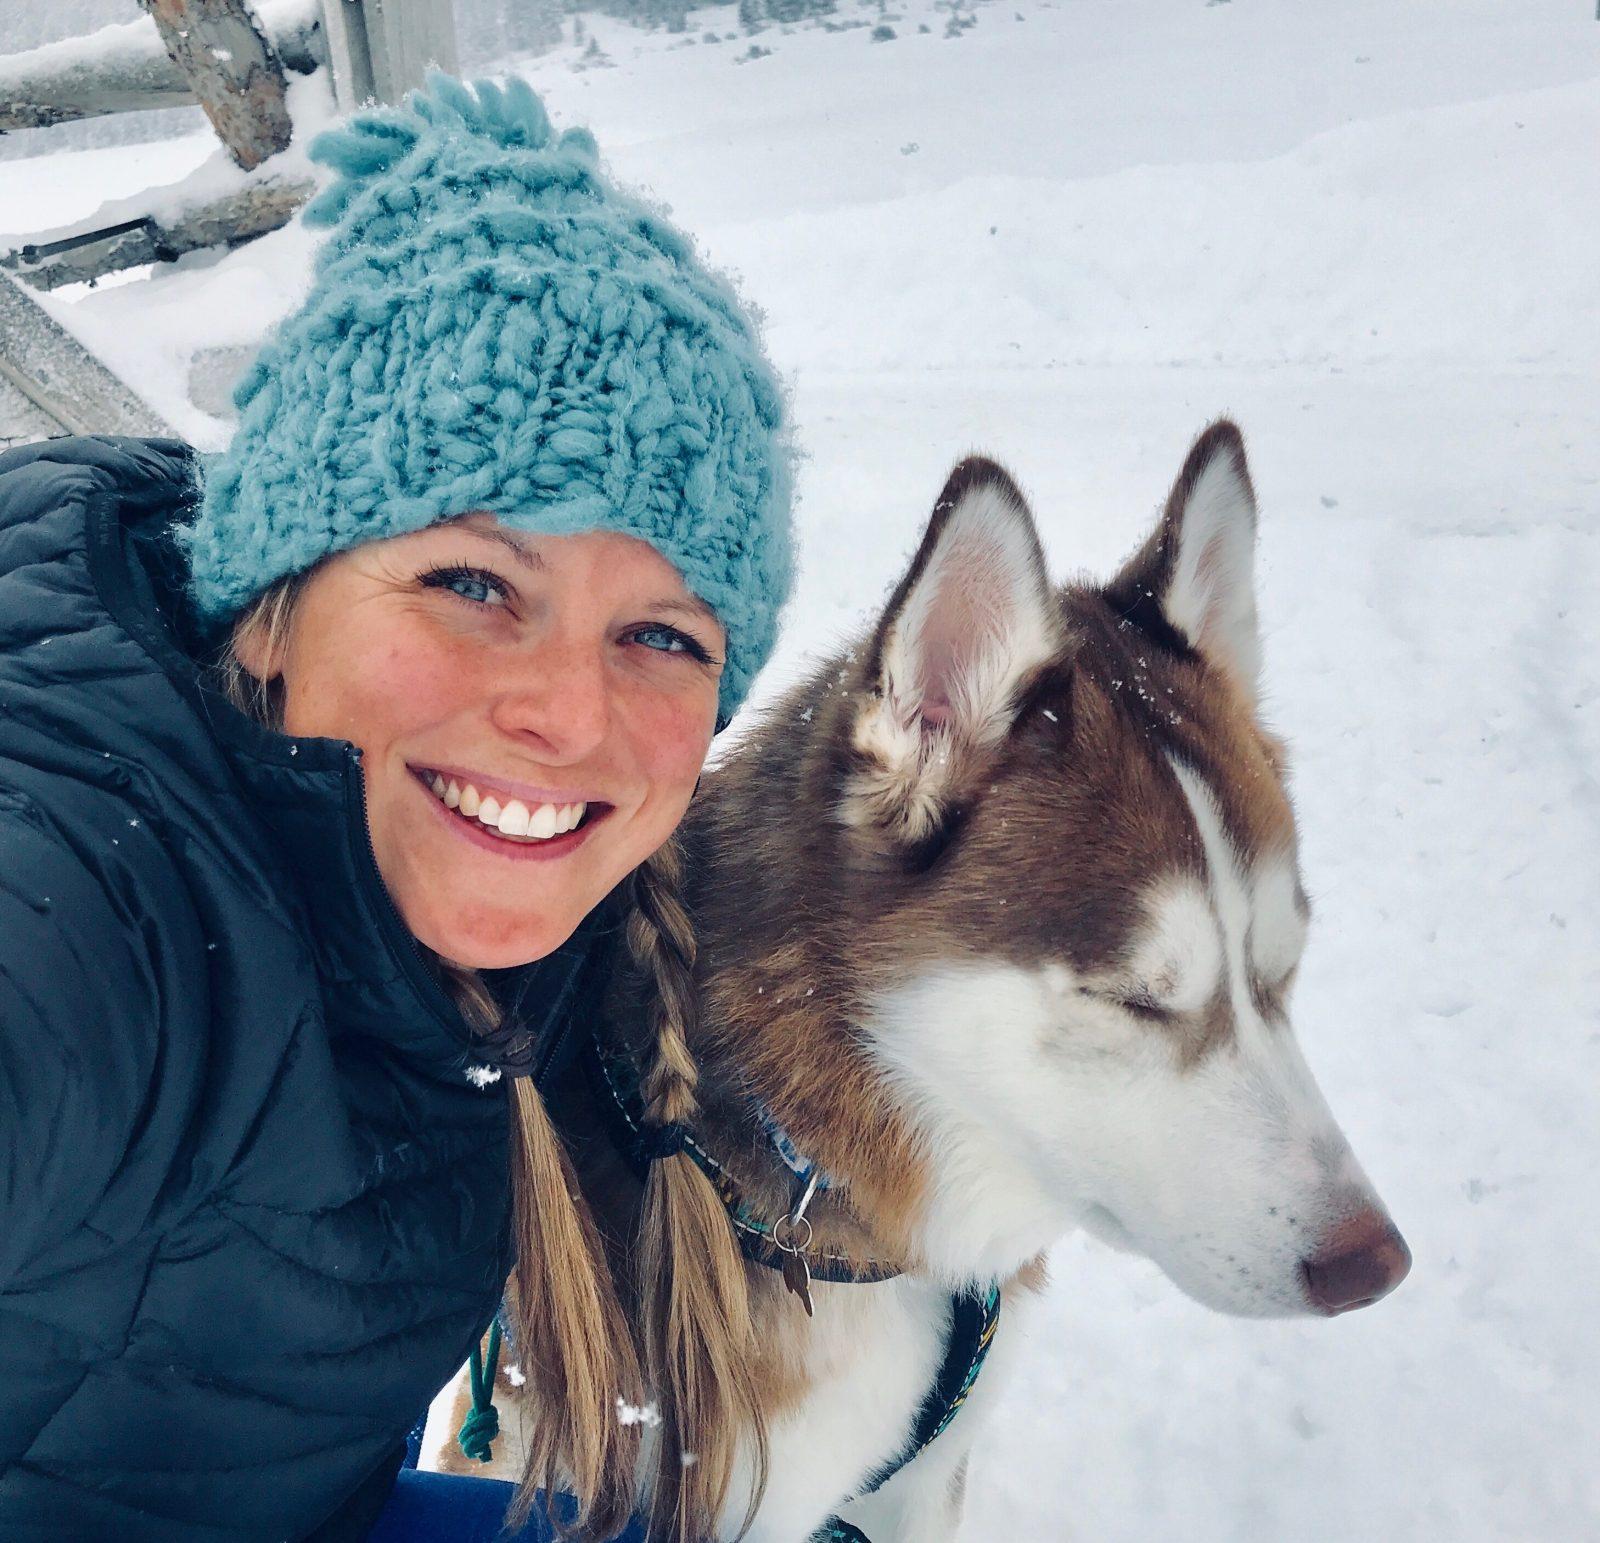 Woman and dog!